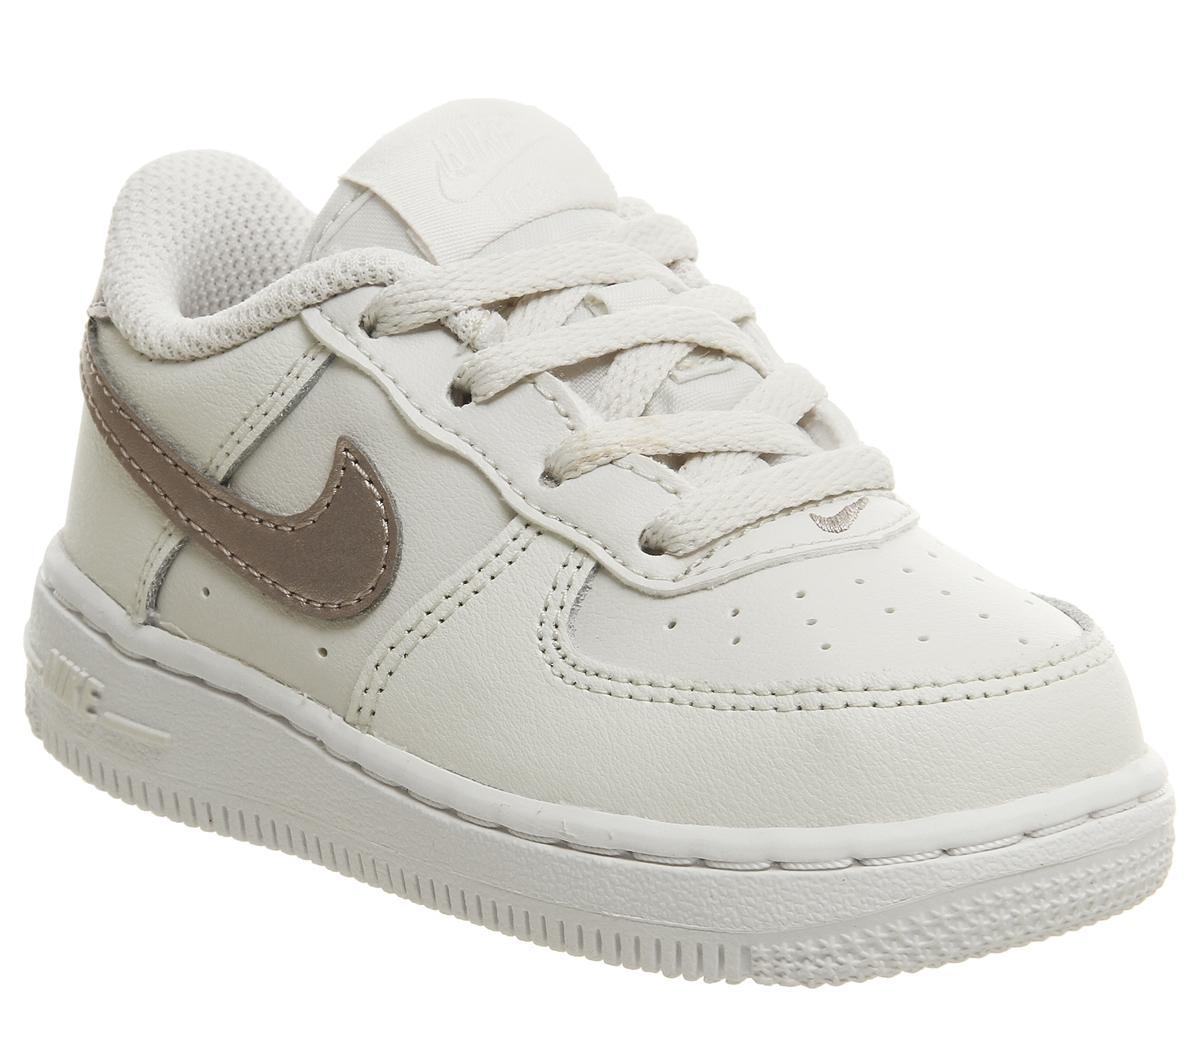 Plus Récent Sports Unisexes Nike Air Force 1 Infant